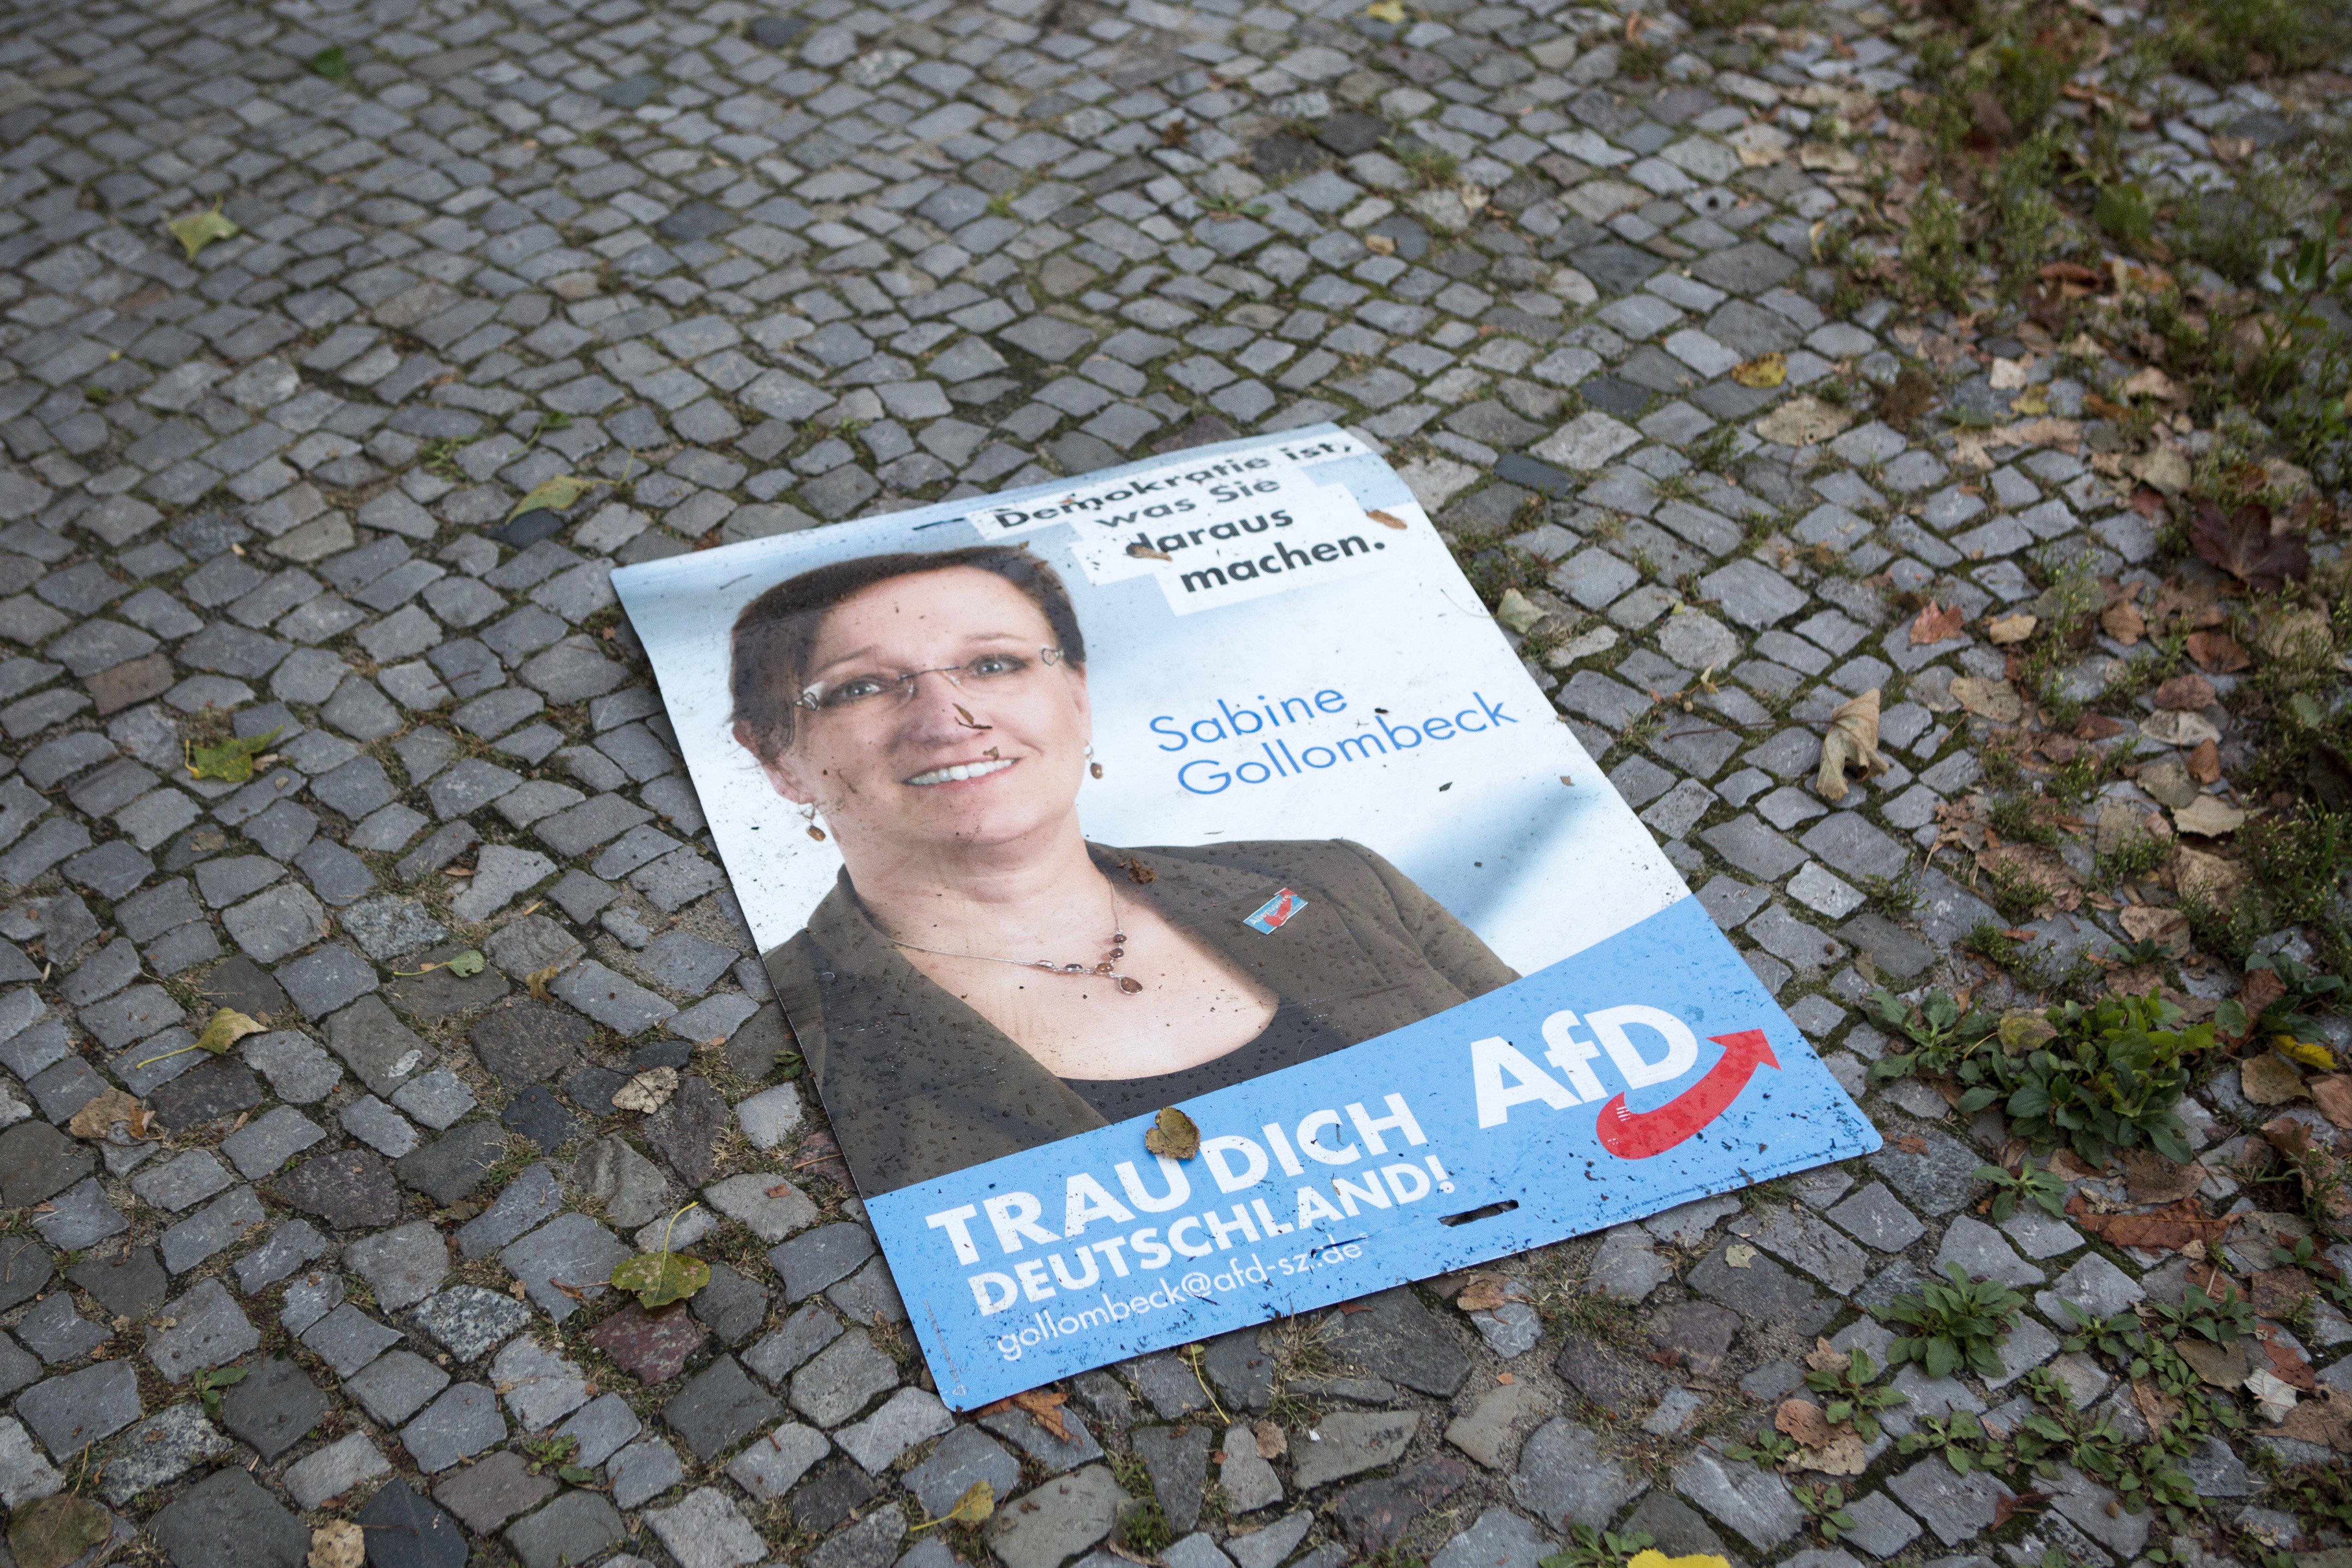 Wahlkampf in Bayern: Darum zerstört eine AfD-Kandidatin Plakate ihrer eigenen